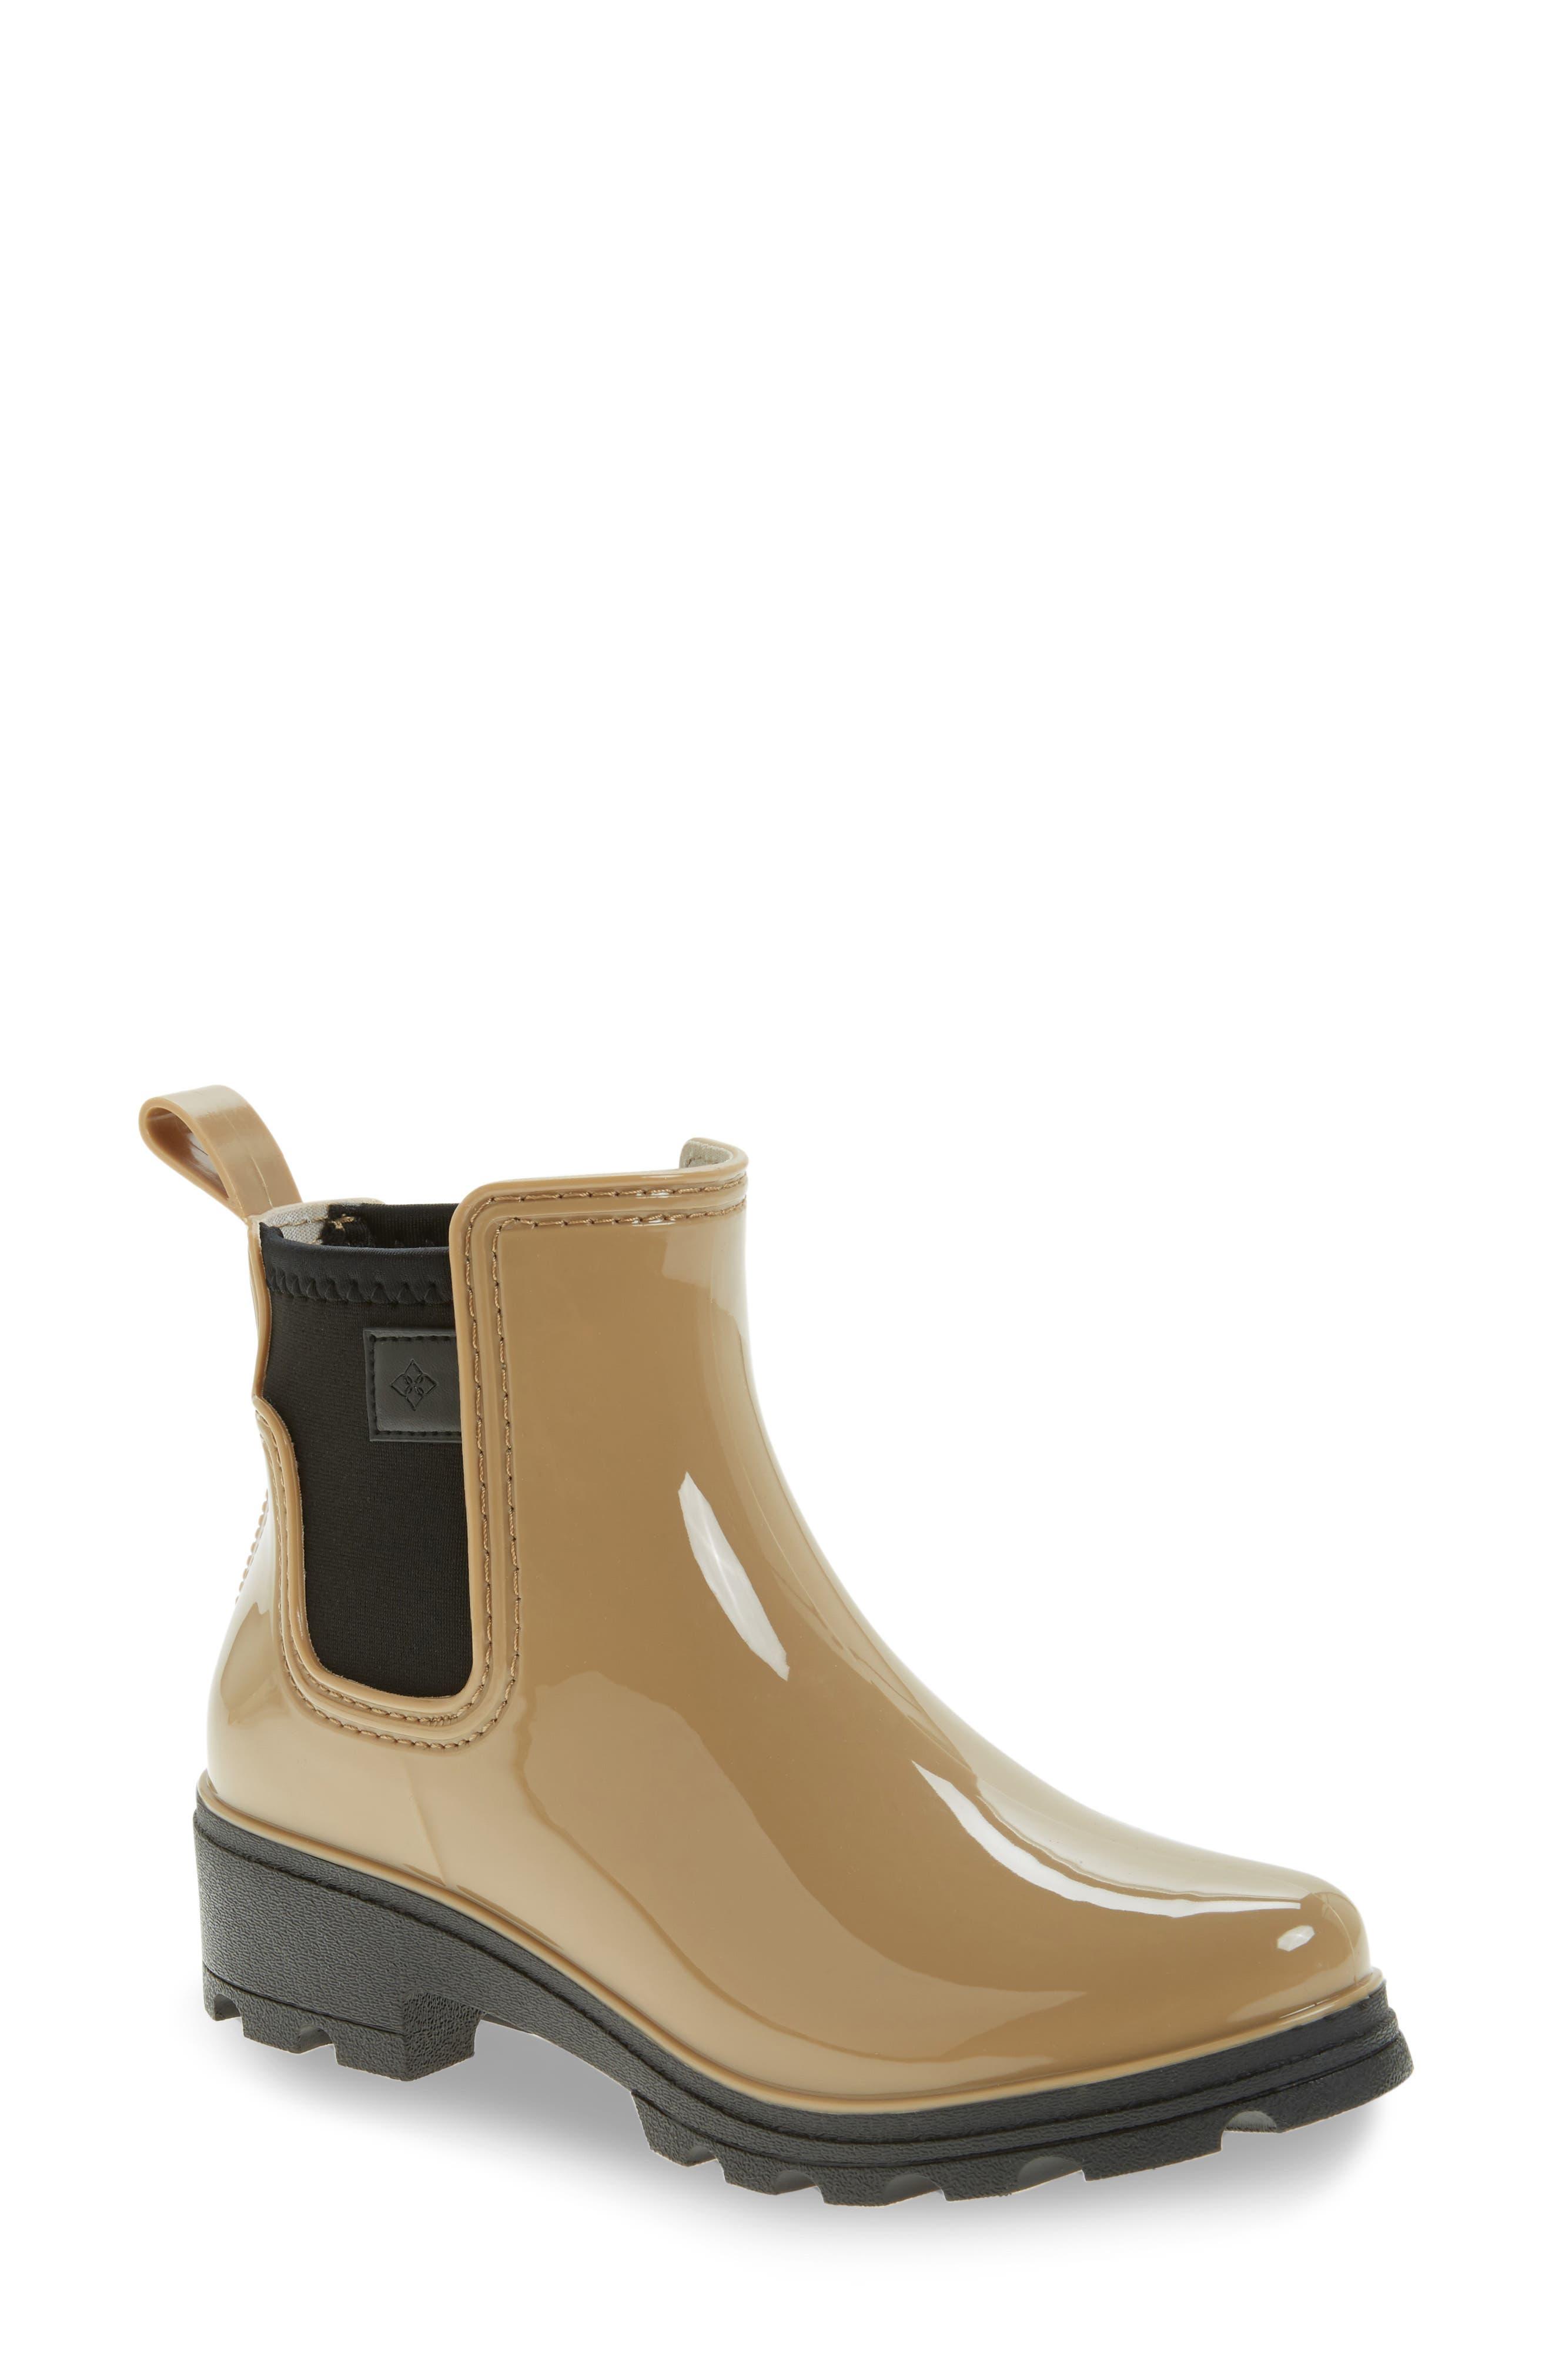 DÄV Prague Waterproof Chelsea Rain Boot